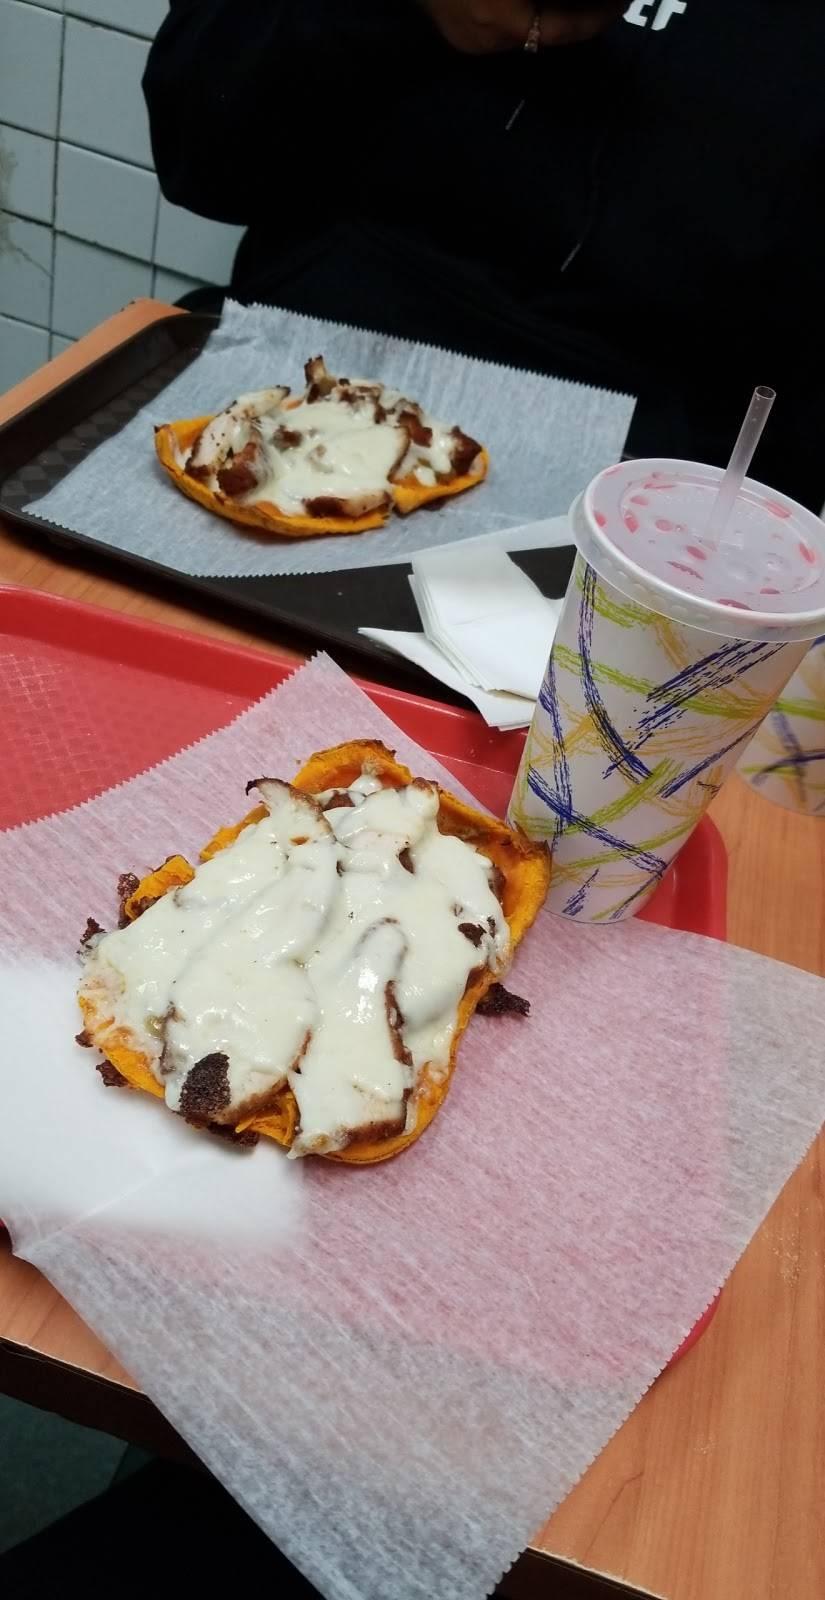 Pizza Palace | restaurant | 121 Dyckman St, New York, NY 10040, USA | 2125679588 OR +1 212-567-9588